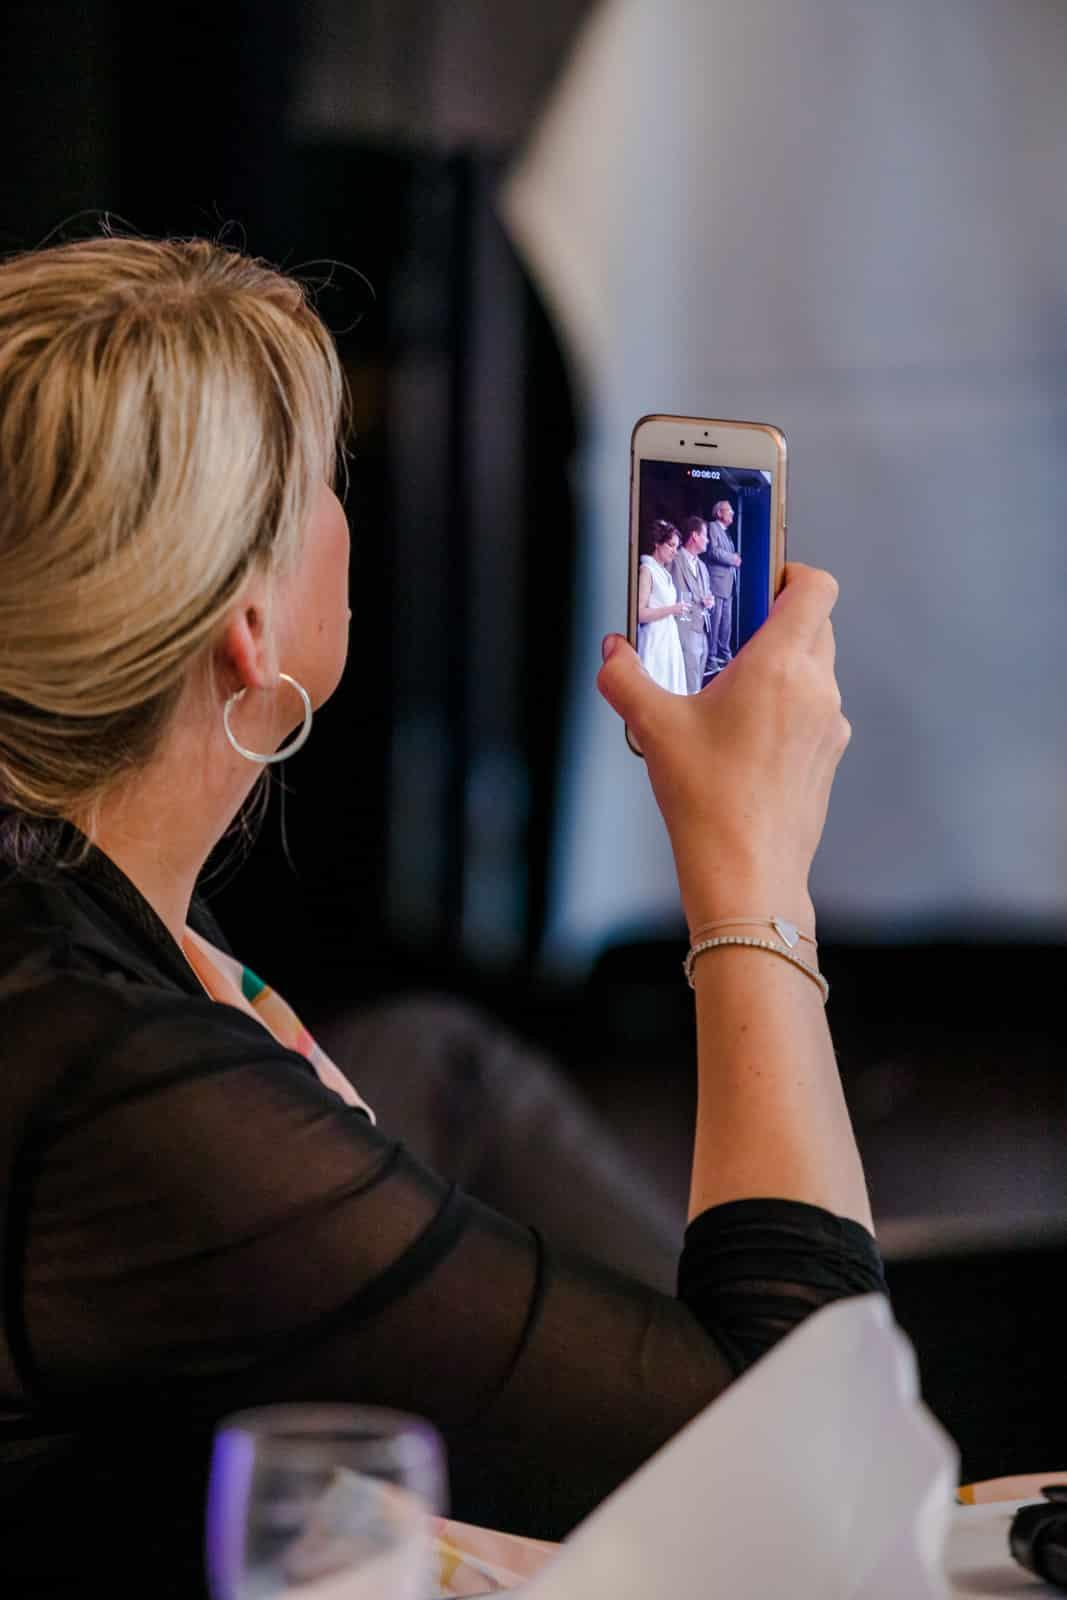 Eine Frau nimmt die Rede des Brautvaters mit dem Handy auf Prinz-Emil-Schlösschen in Darmstadt.